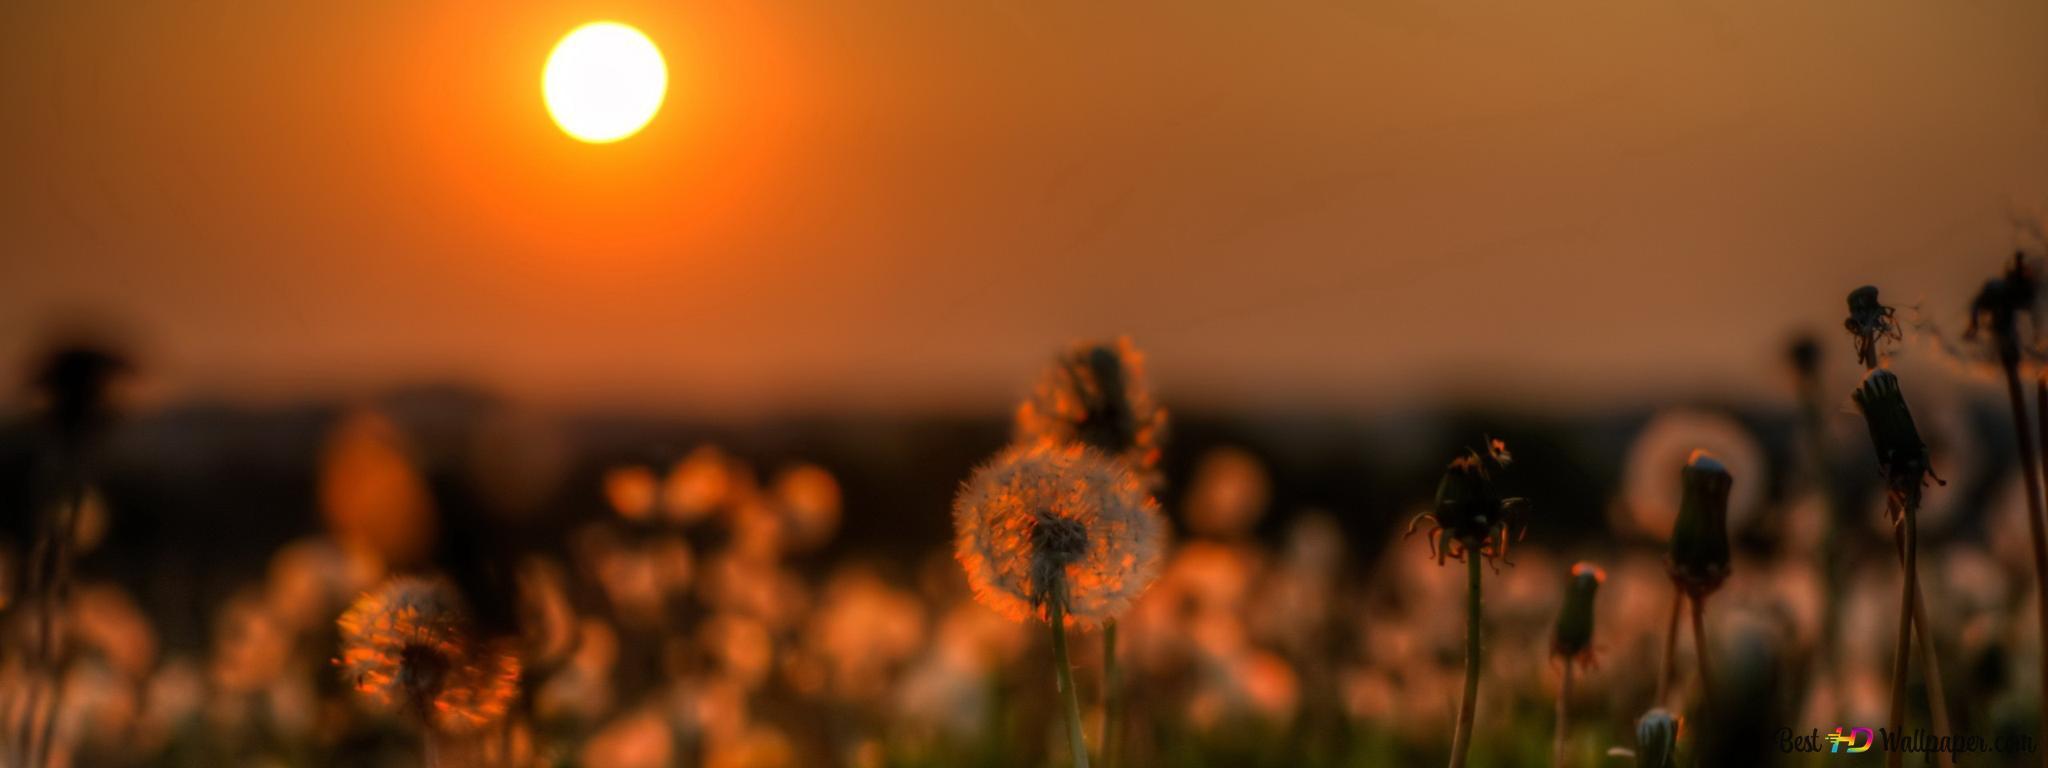 Sunset in the dandelion flower field HD wallpaper download